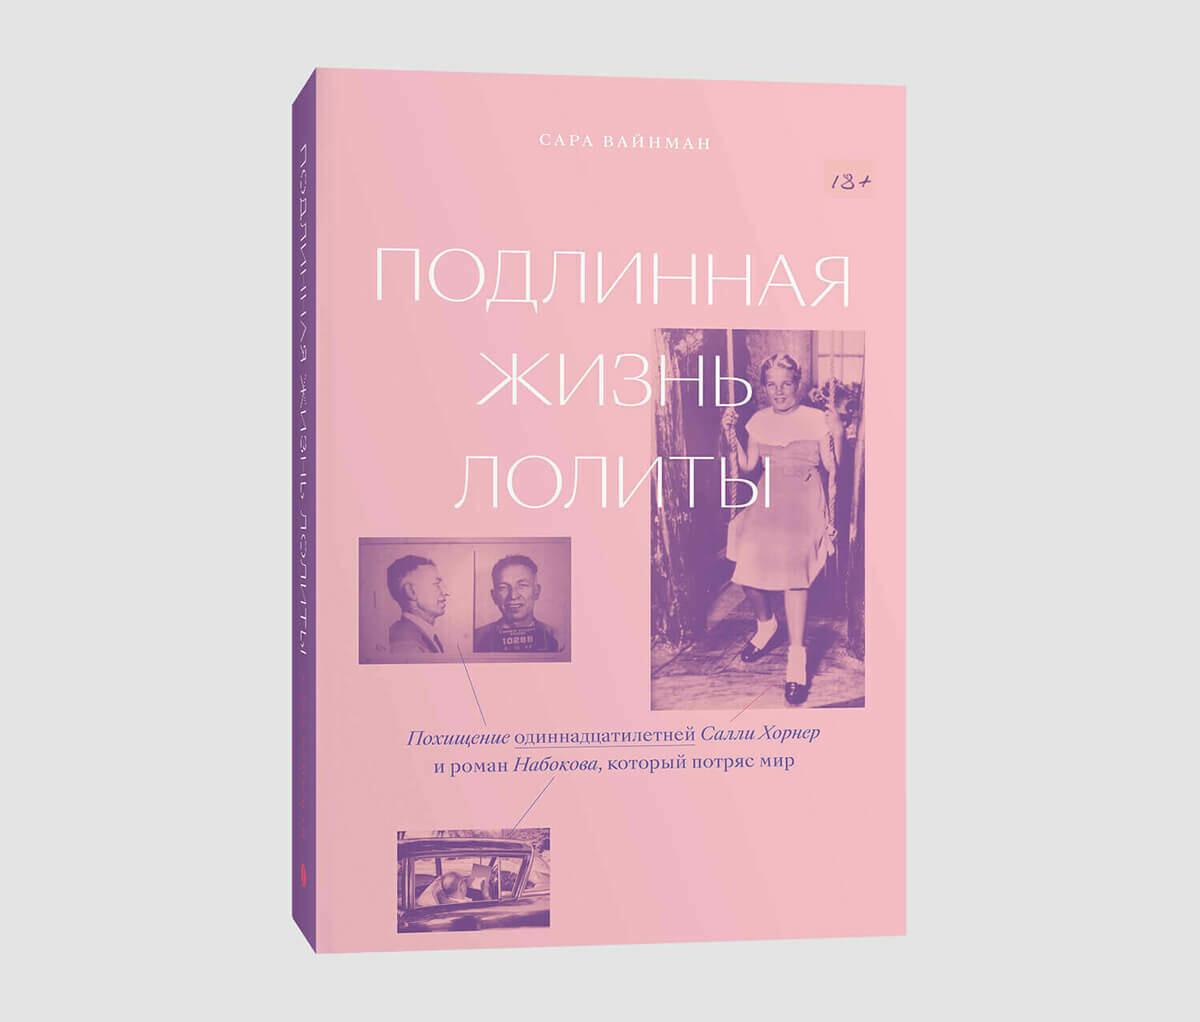 Книга «Подлинная жизнь Лолиты. Похищение одиннадцатилетней Салли Хорнер и роман Набокова, который потряс мир» Сары Вайнман